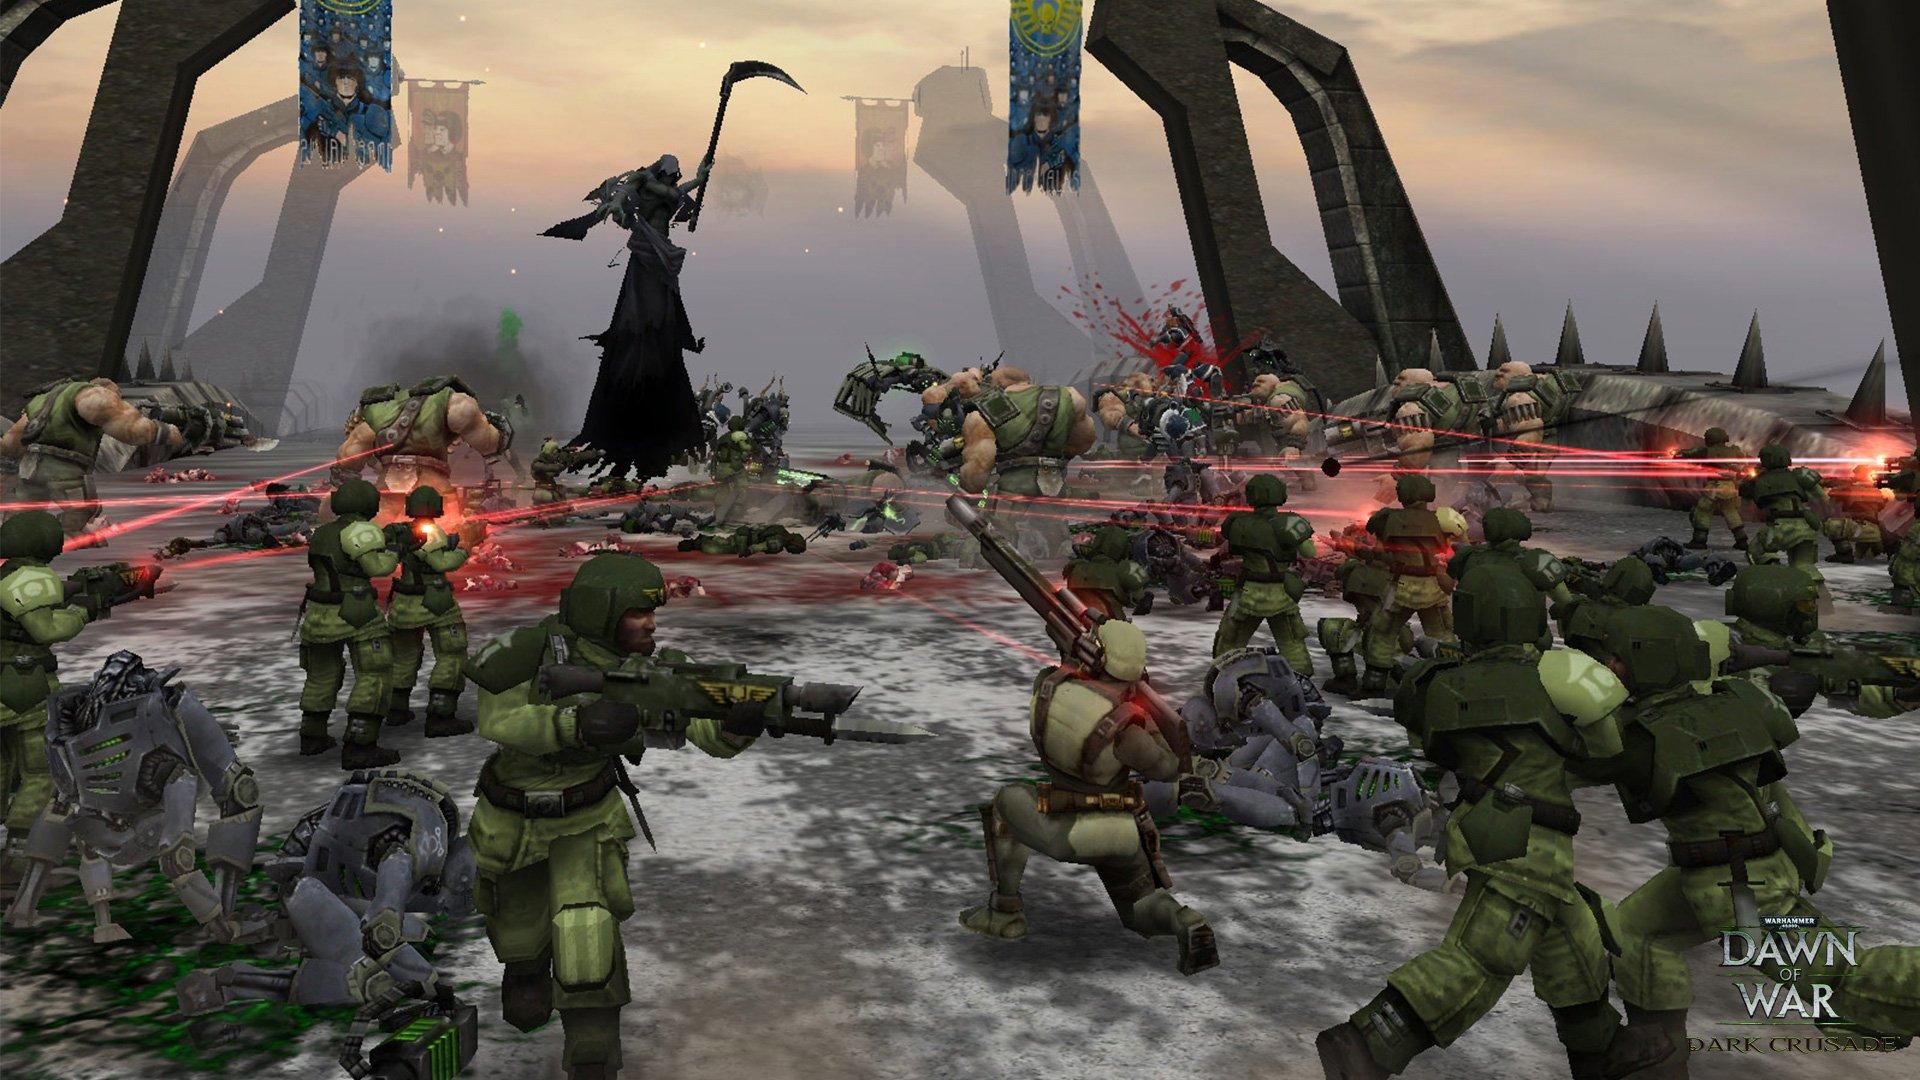 Warhammer 40,000 Dawn of War Dark Crusade 8